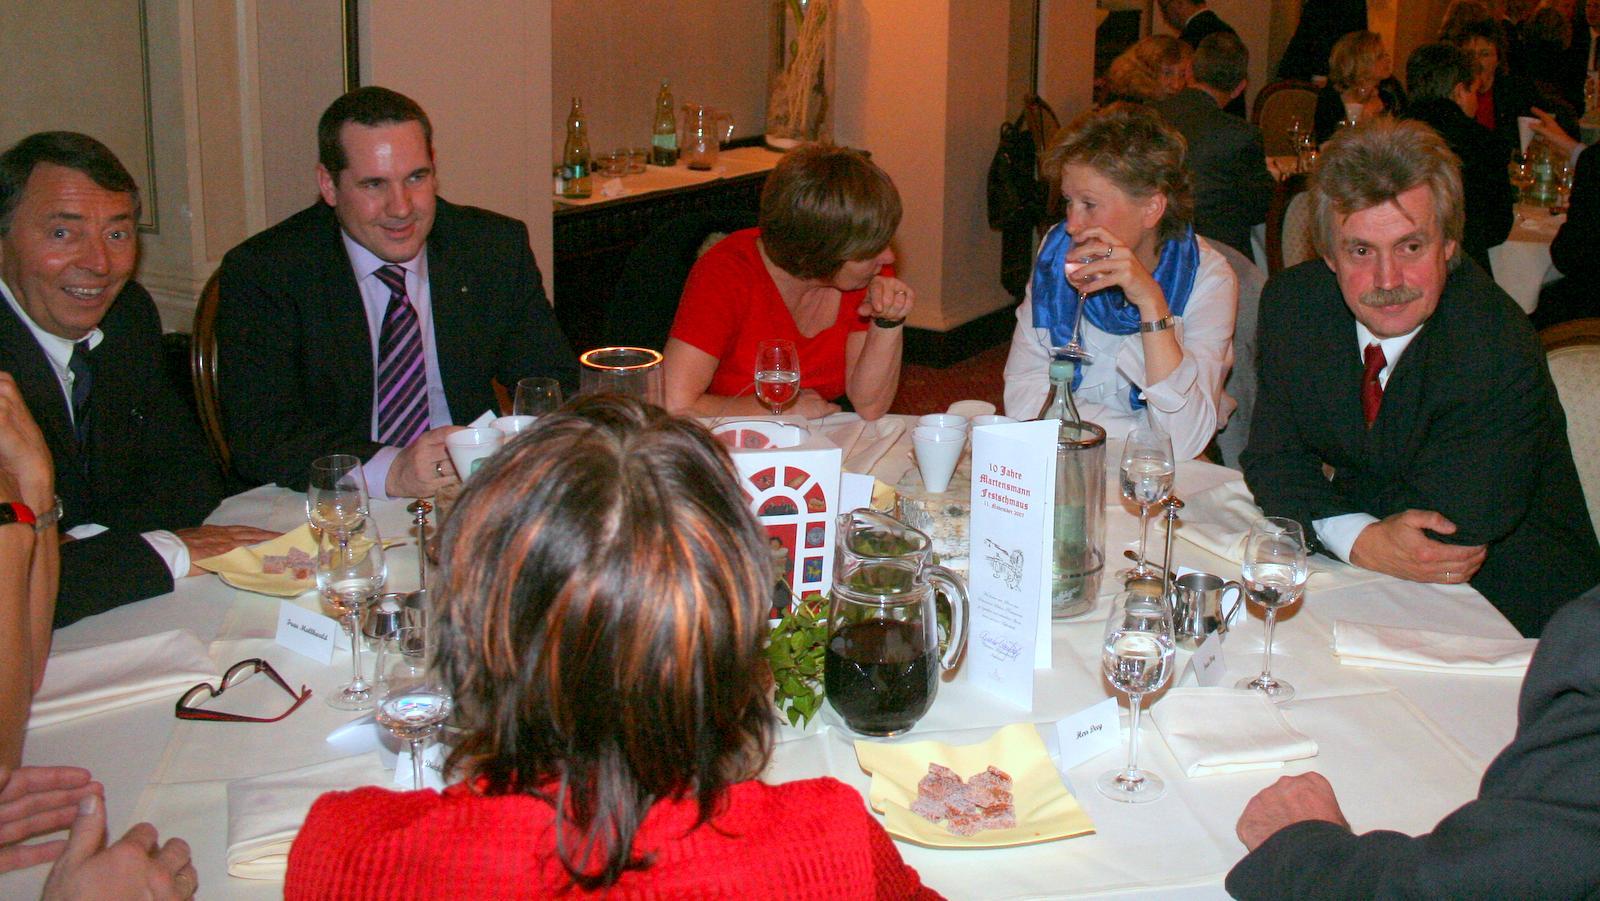 22-2007-11-11_Martensmann_205